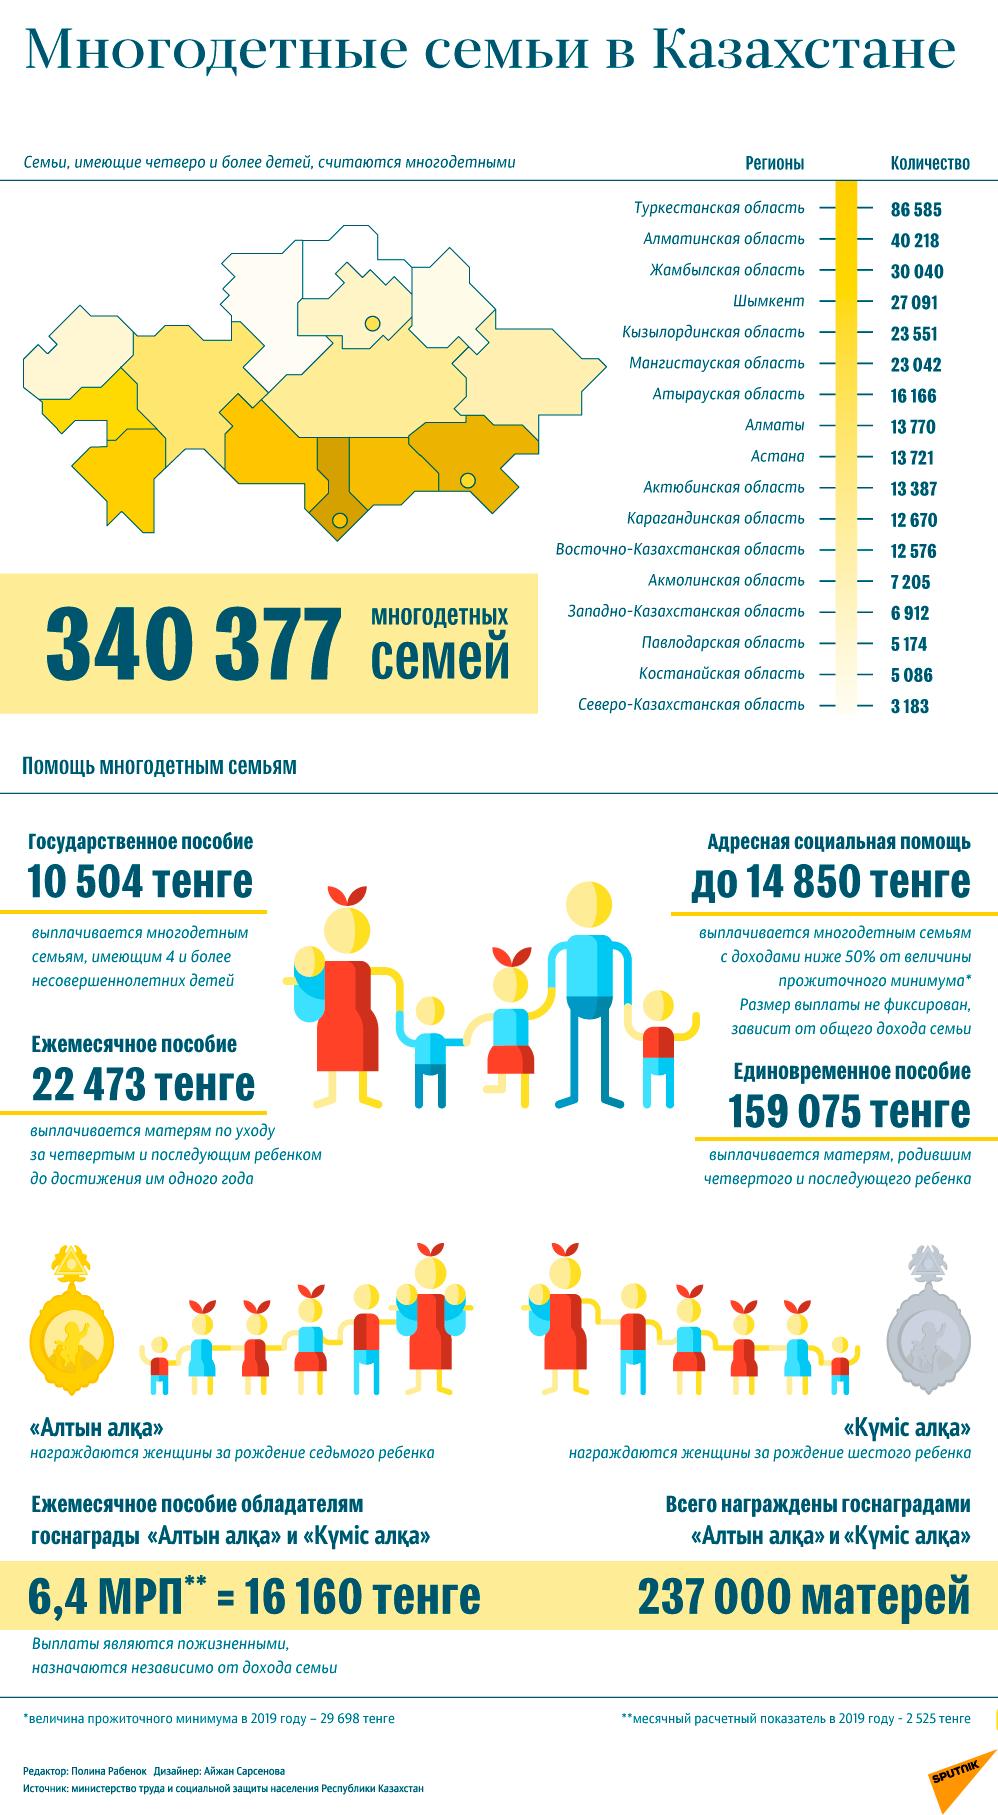 Многодетные семьи в Казахстане